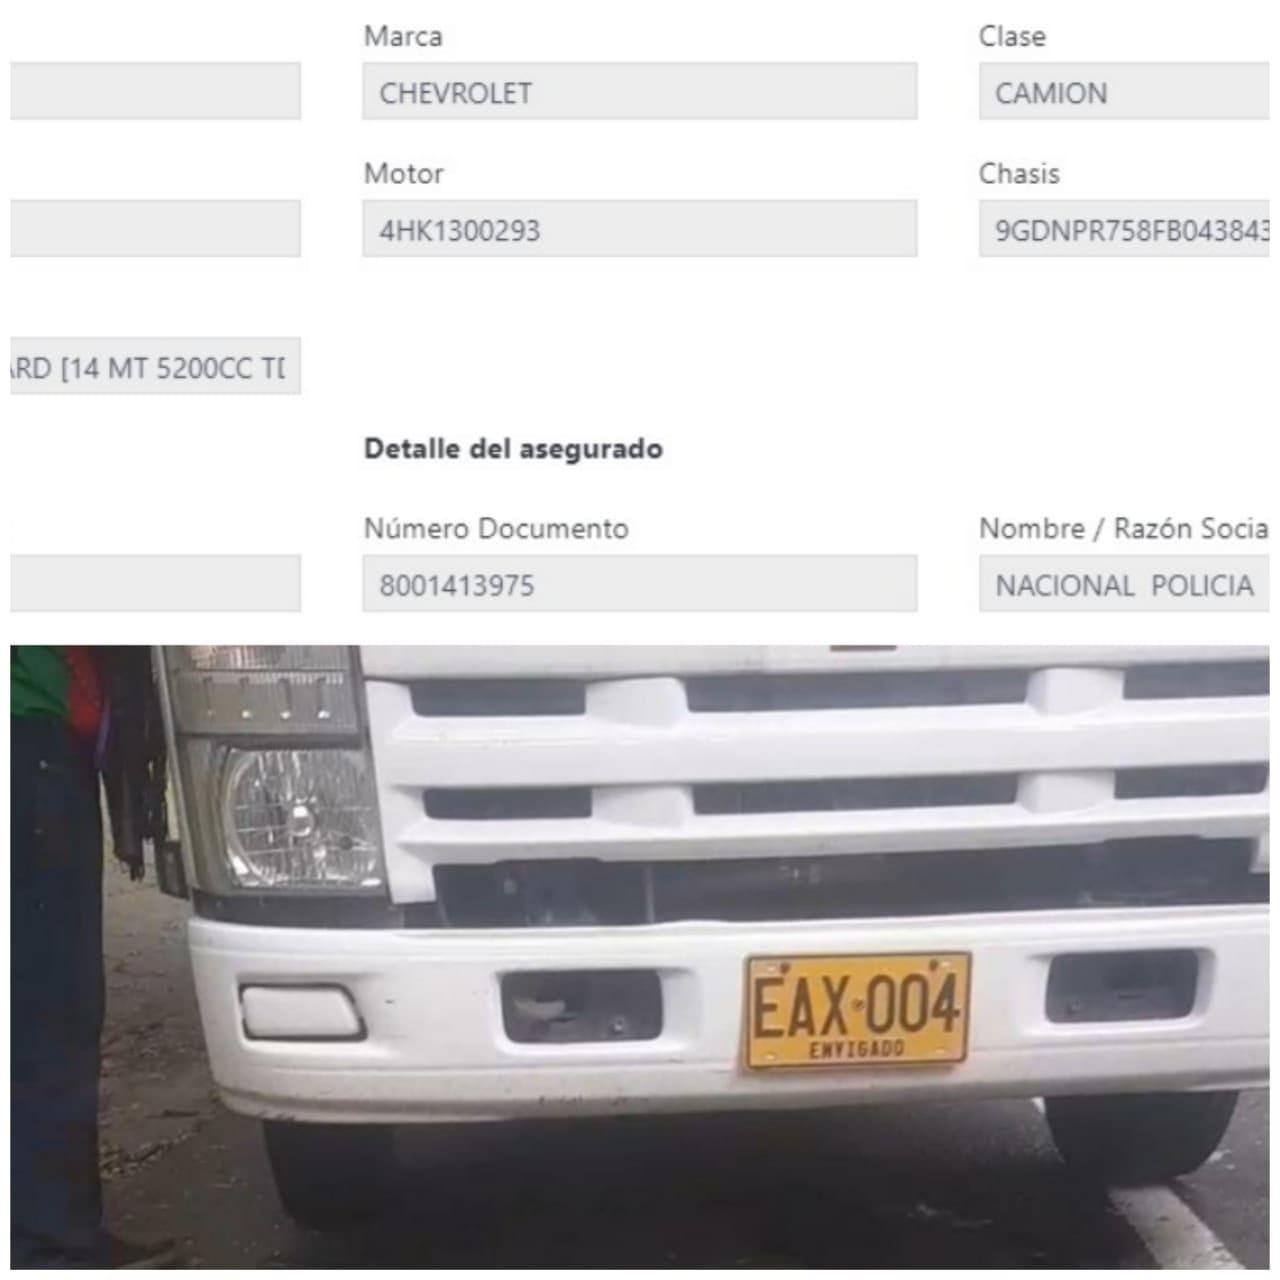 Camión de la Policía al servicio de los narcotráficantes